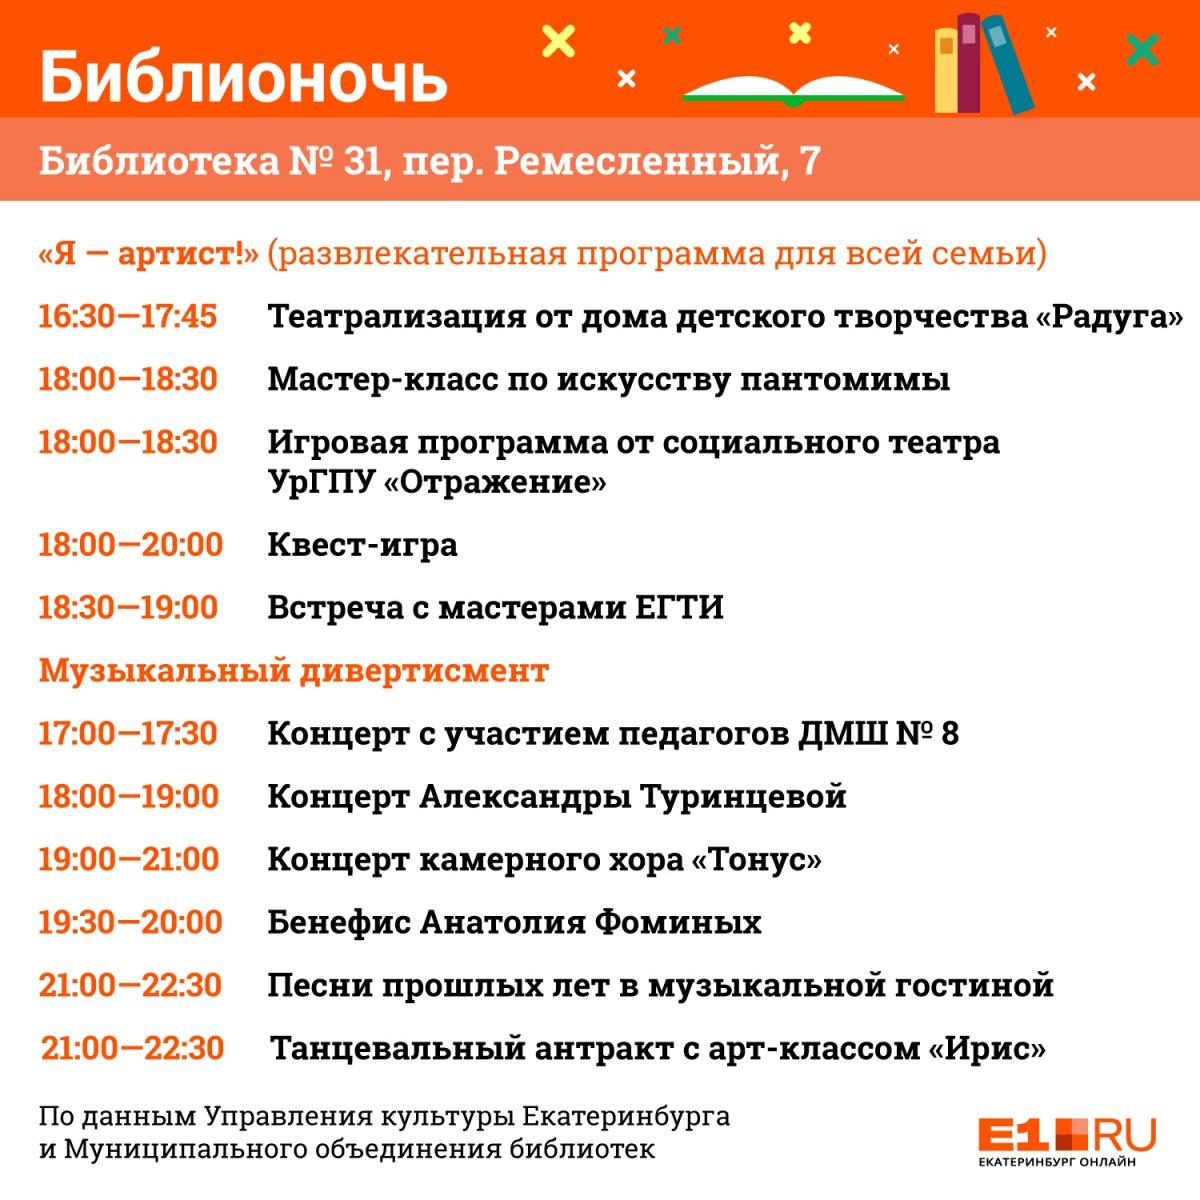 Научат быстро читать и устроят модный показ: рассказываем, как в Екатеринбурге пройдет «Библионочь»